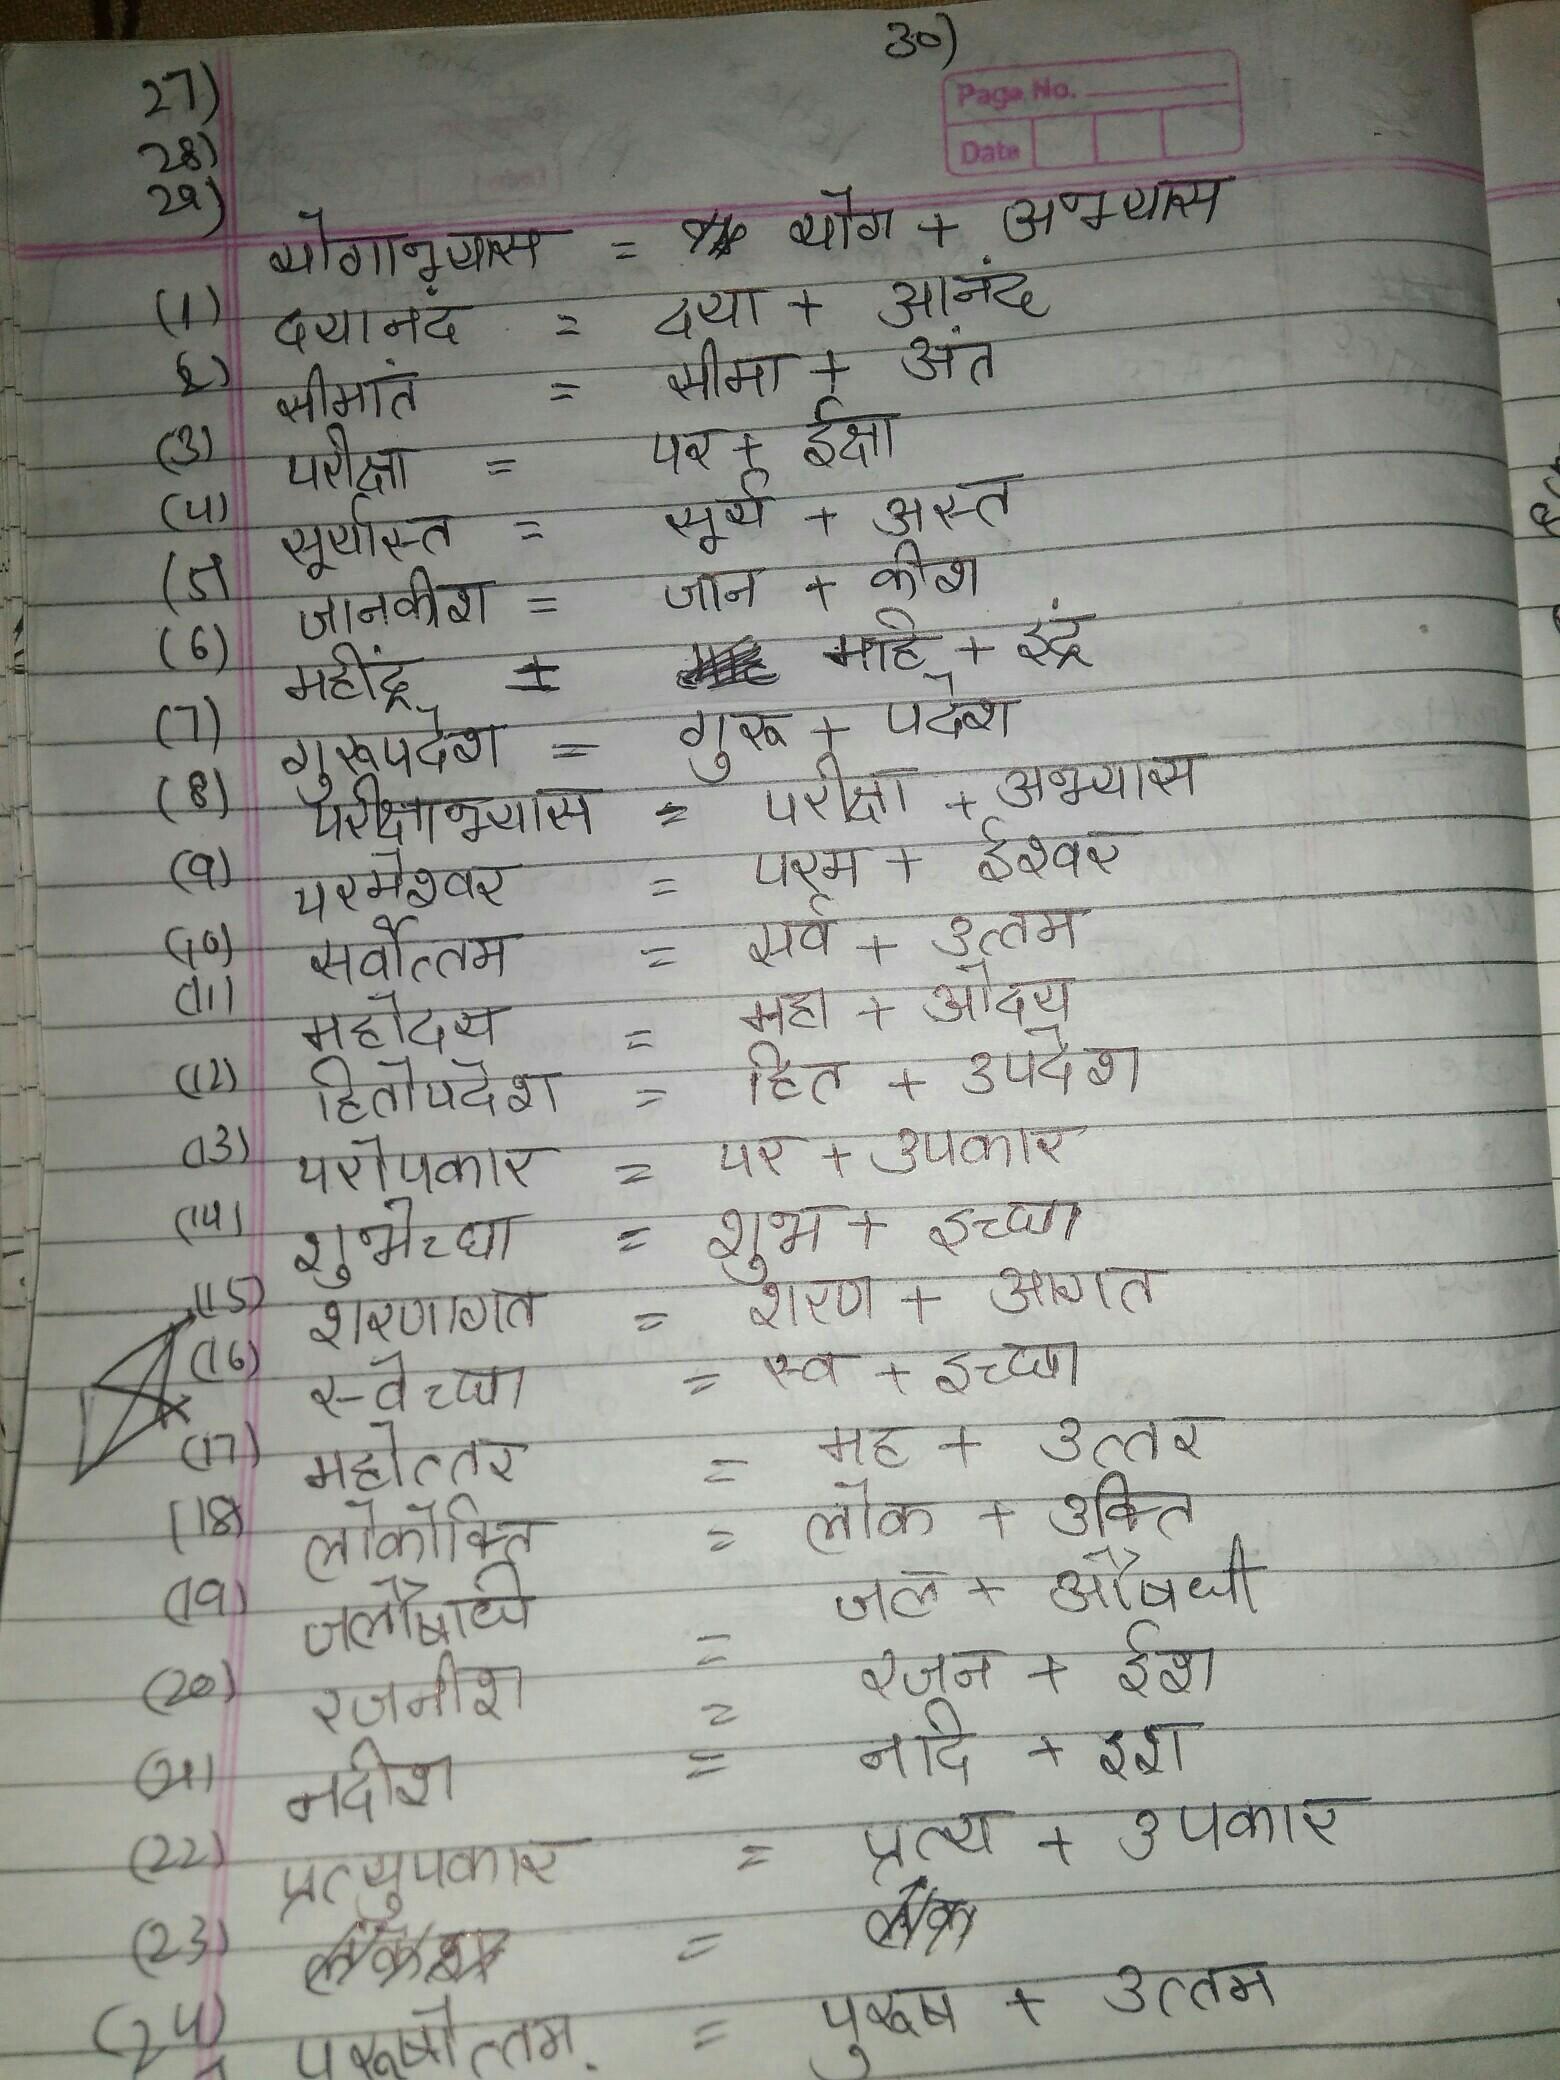 Swar Sandhi Ndhi Viched Hindi Grammar Worksheet Pls Help